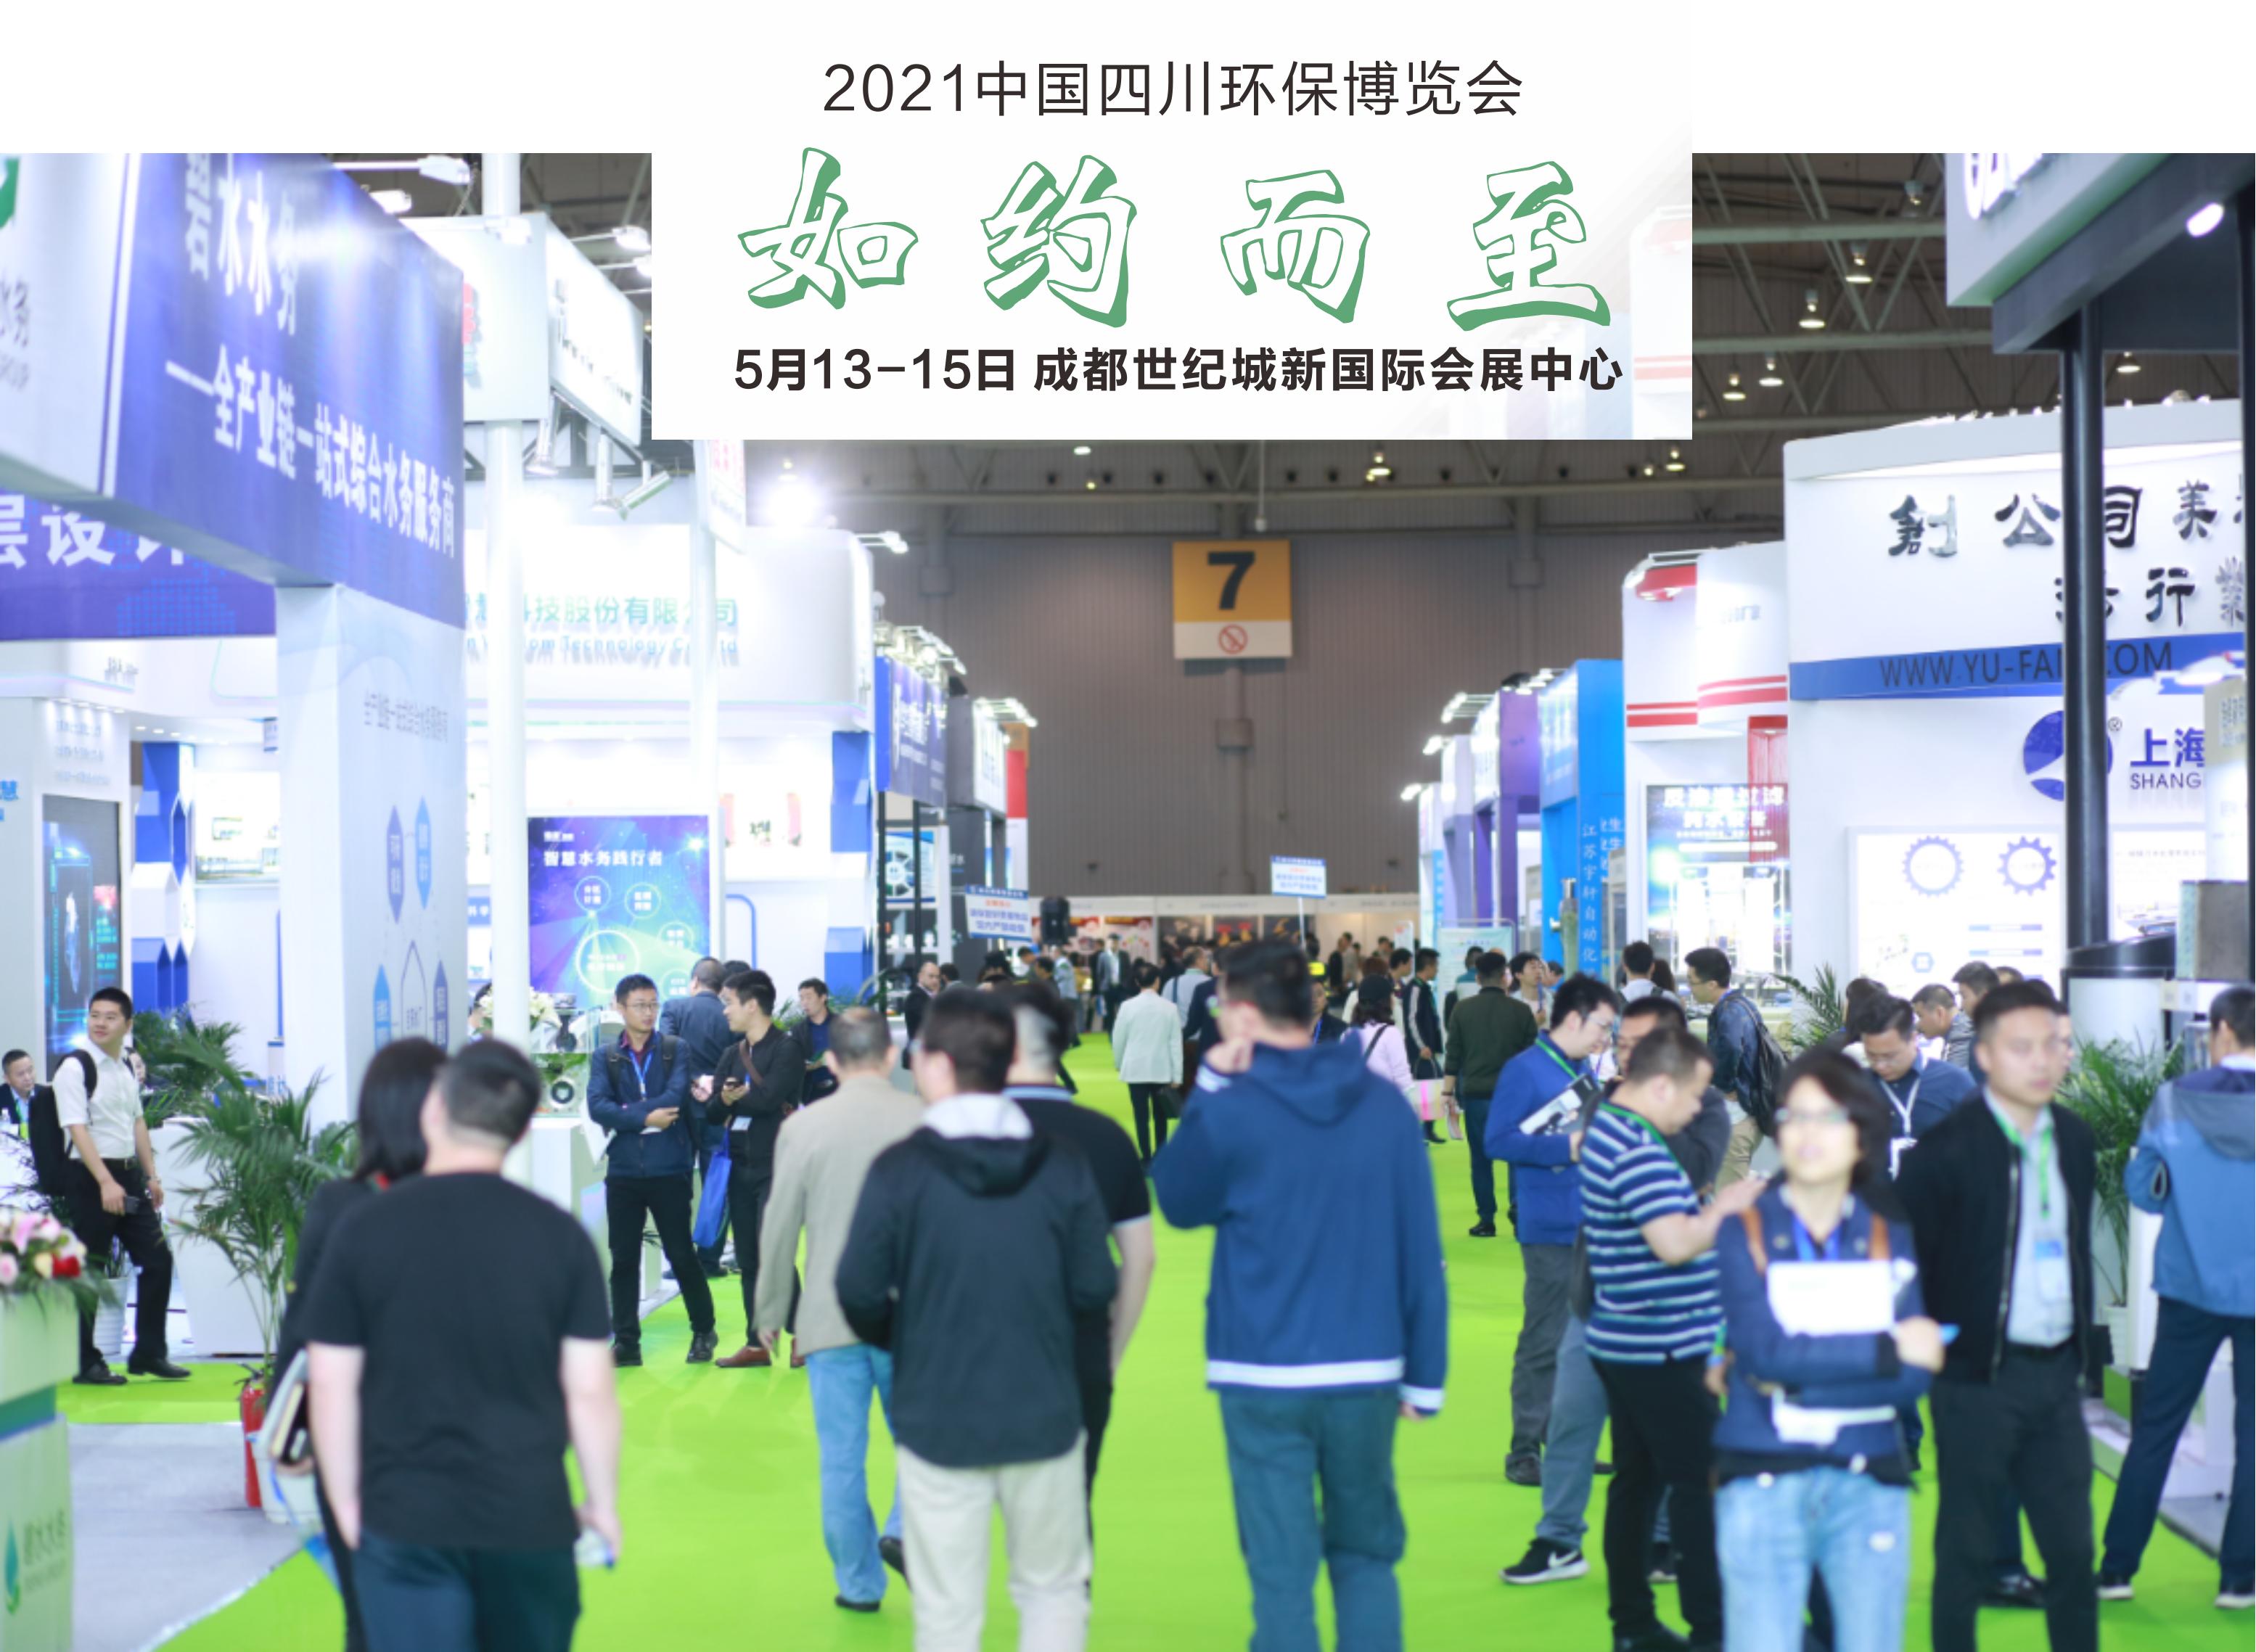 2021四川环保博览会5月13日即将开幕,邀您共赴一场群英荟萃的环保盛宴